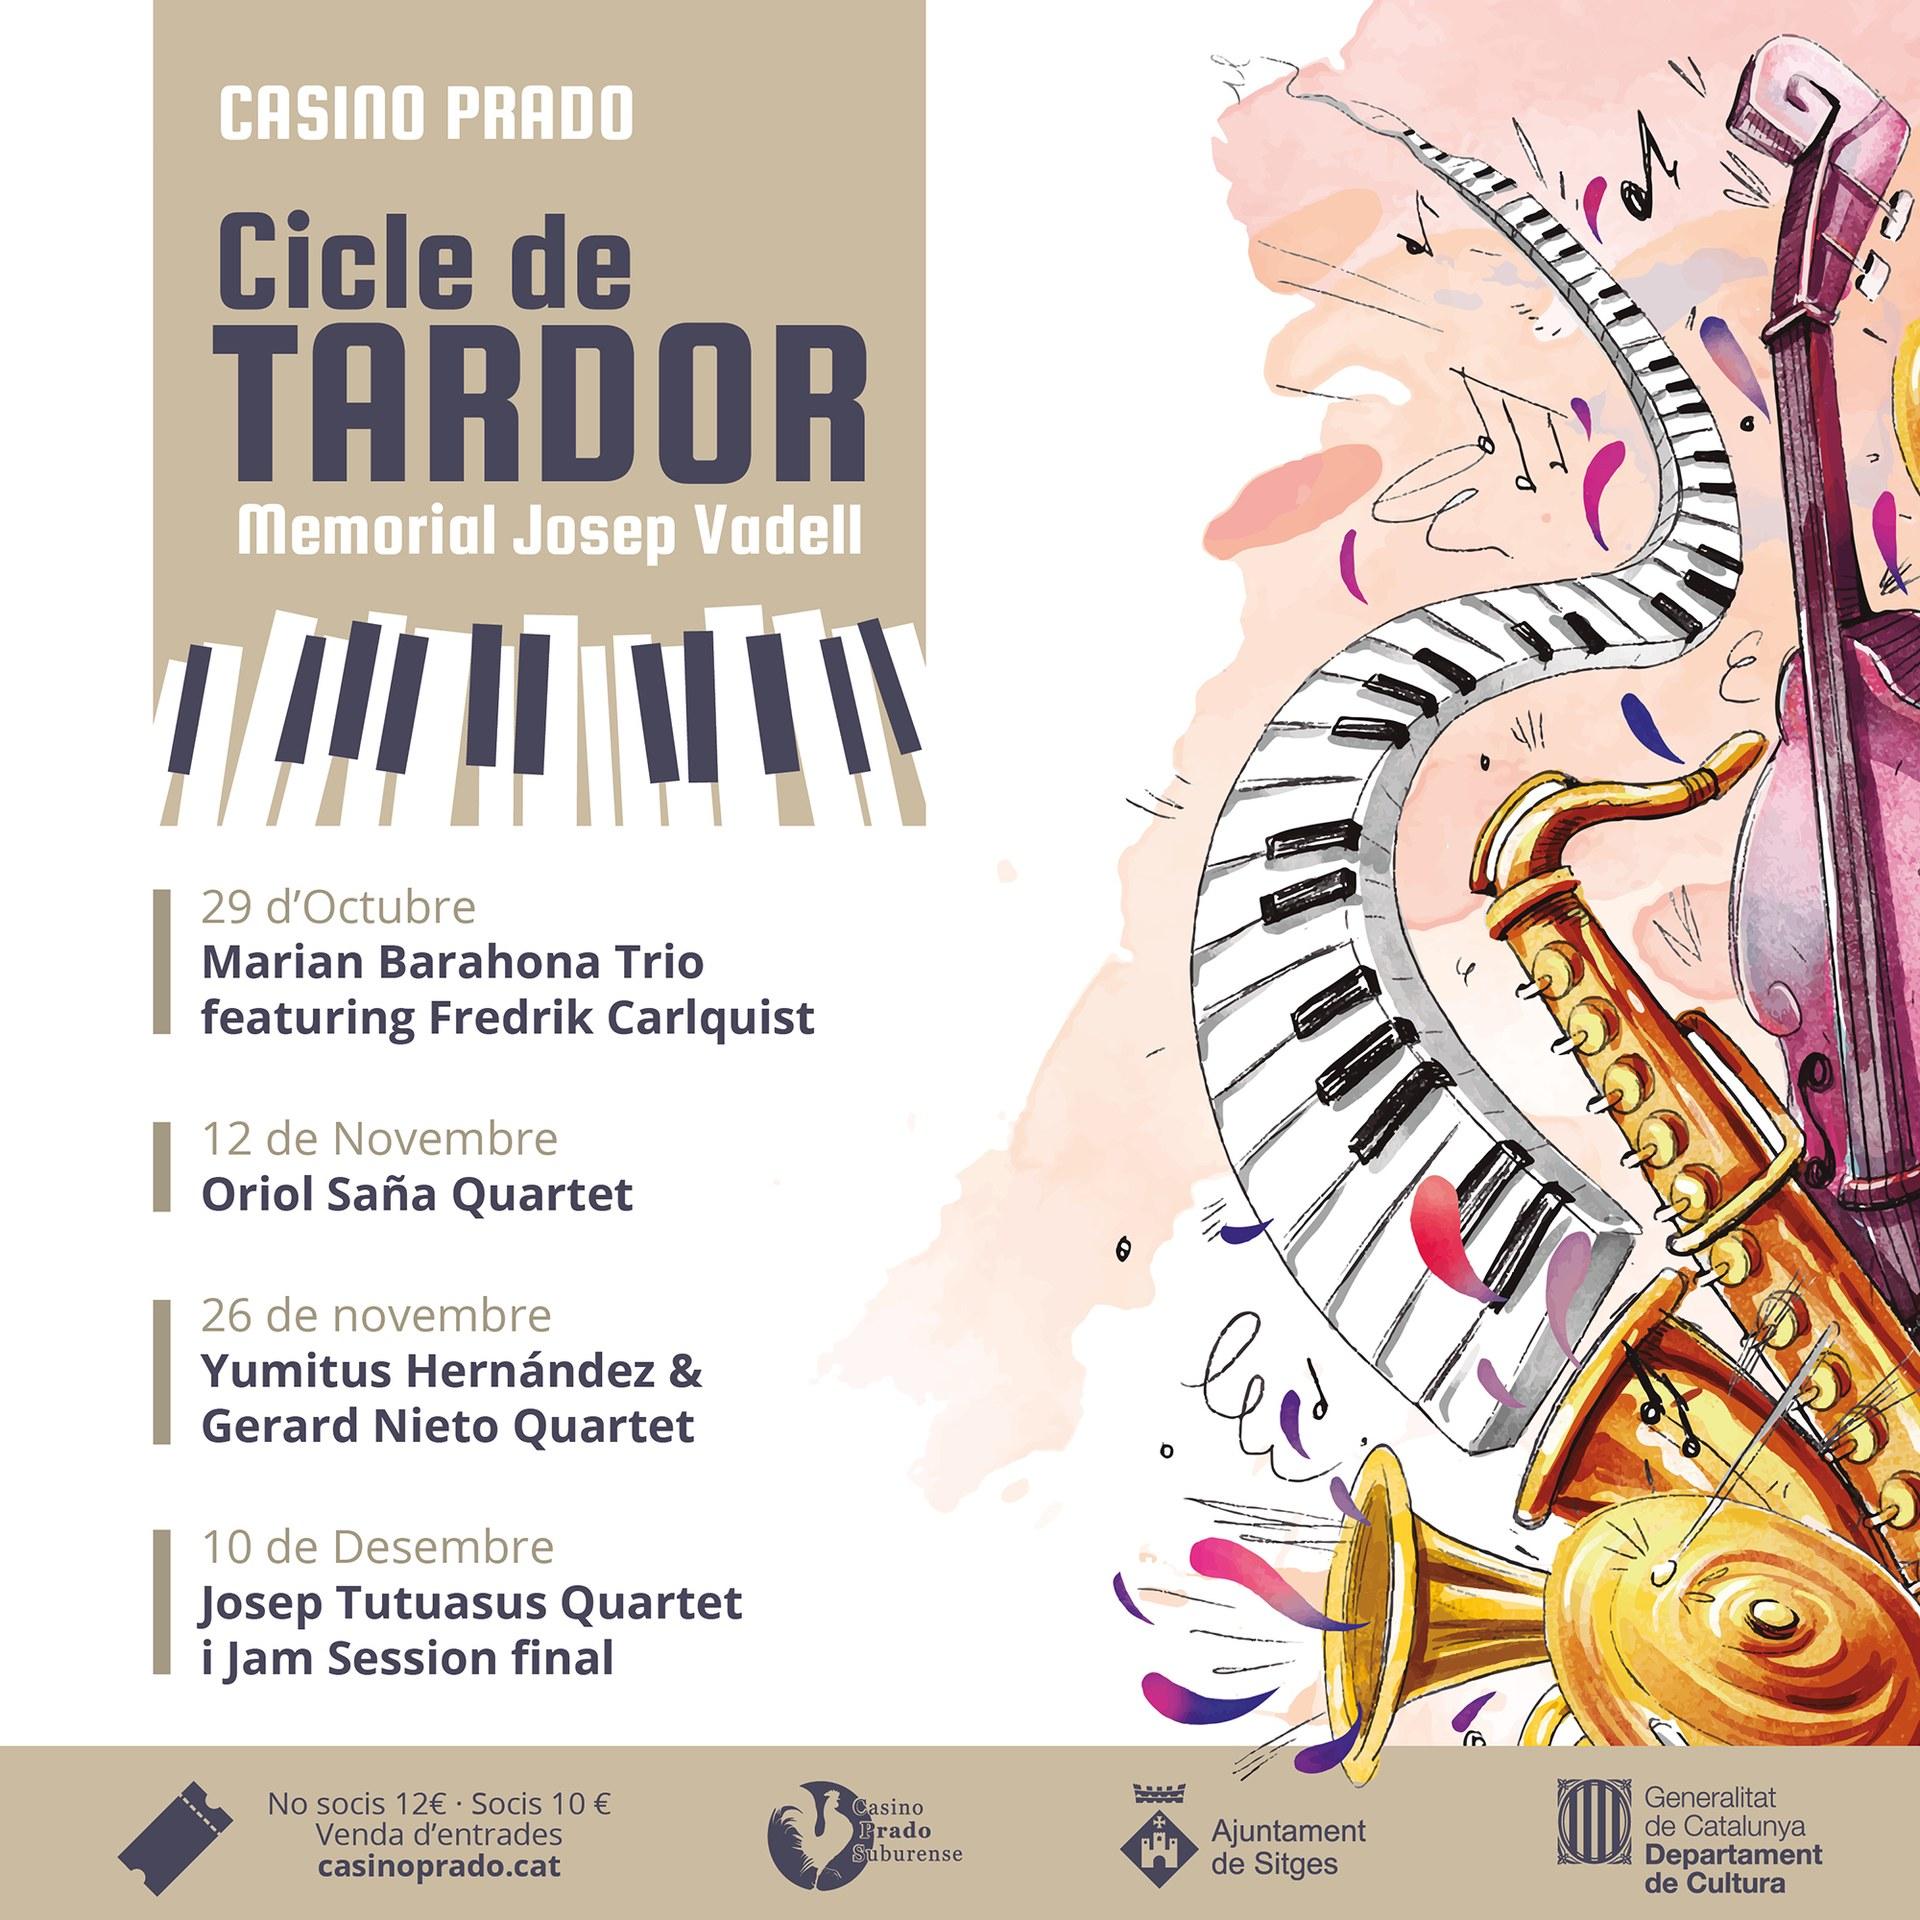 El Casino Prado estrenarà a la tardor un cicle de concerts en homenatge a Josep Vadell